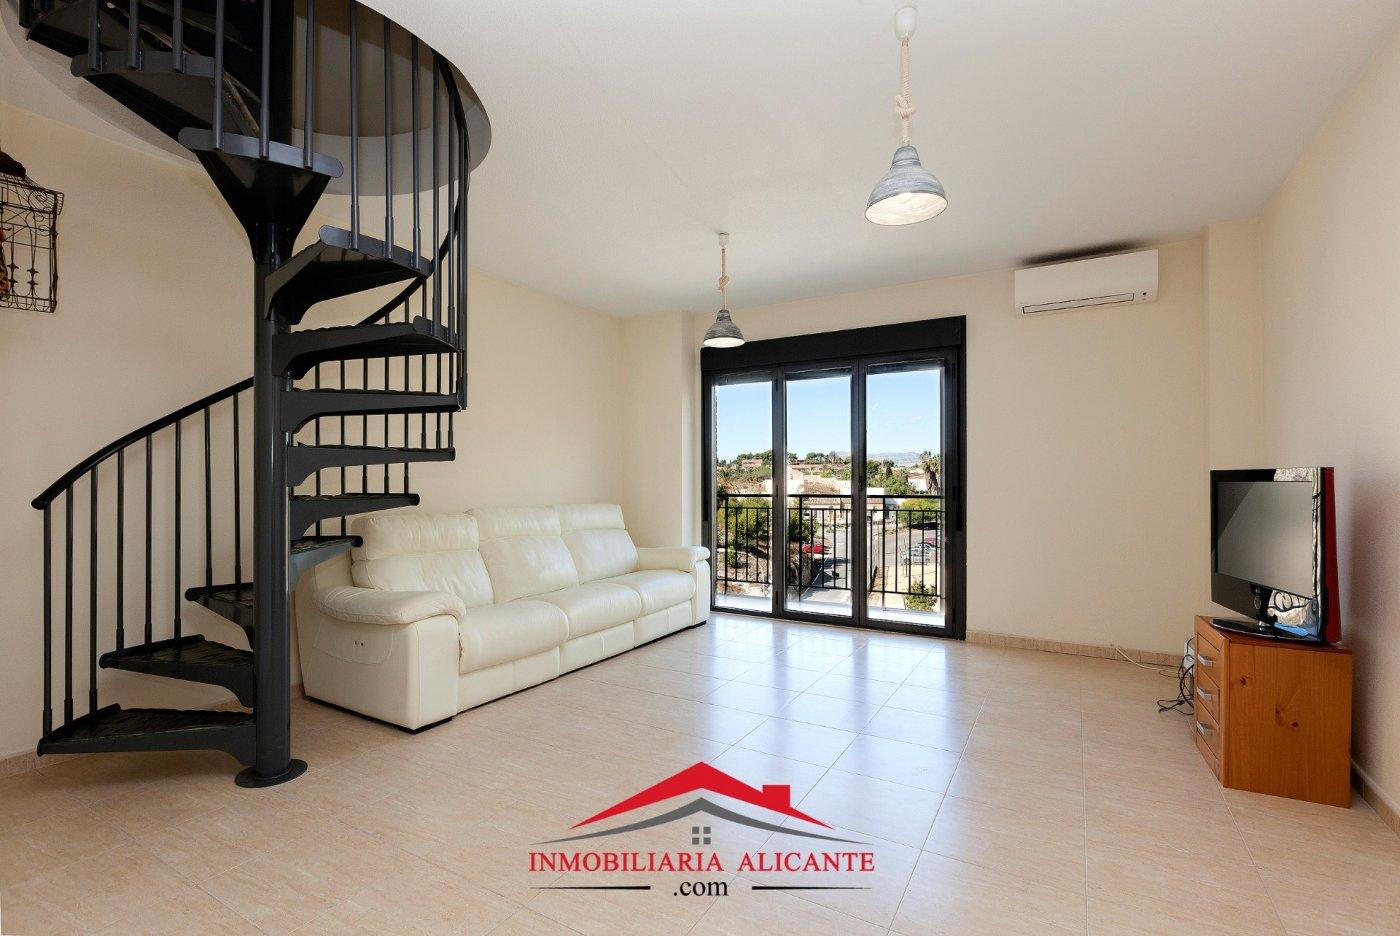 piso en alicante · villafranqueza 125000€